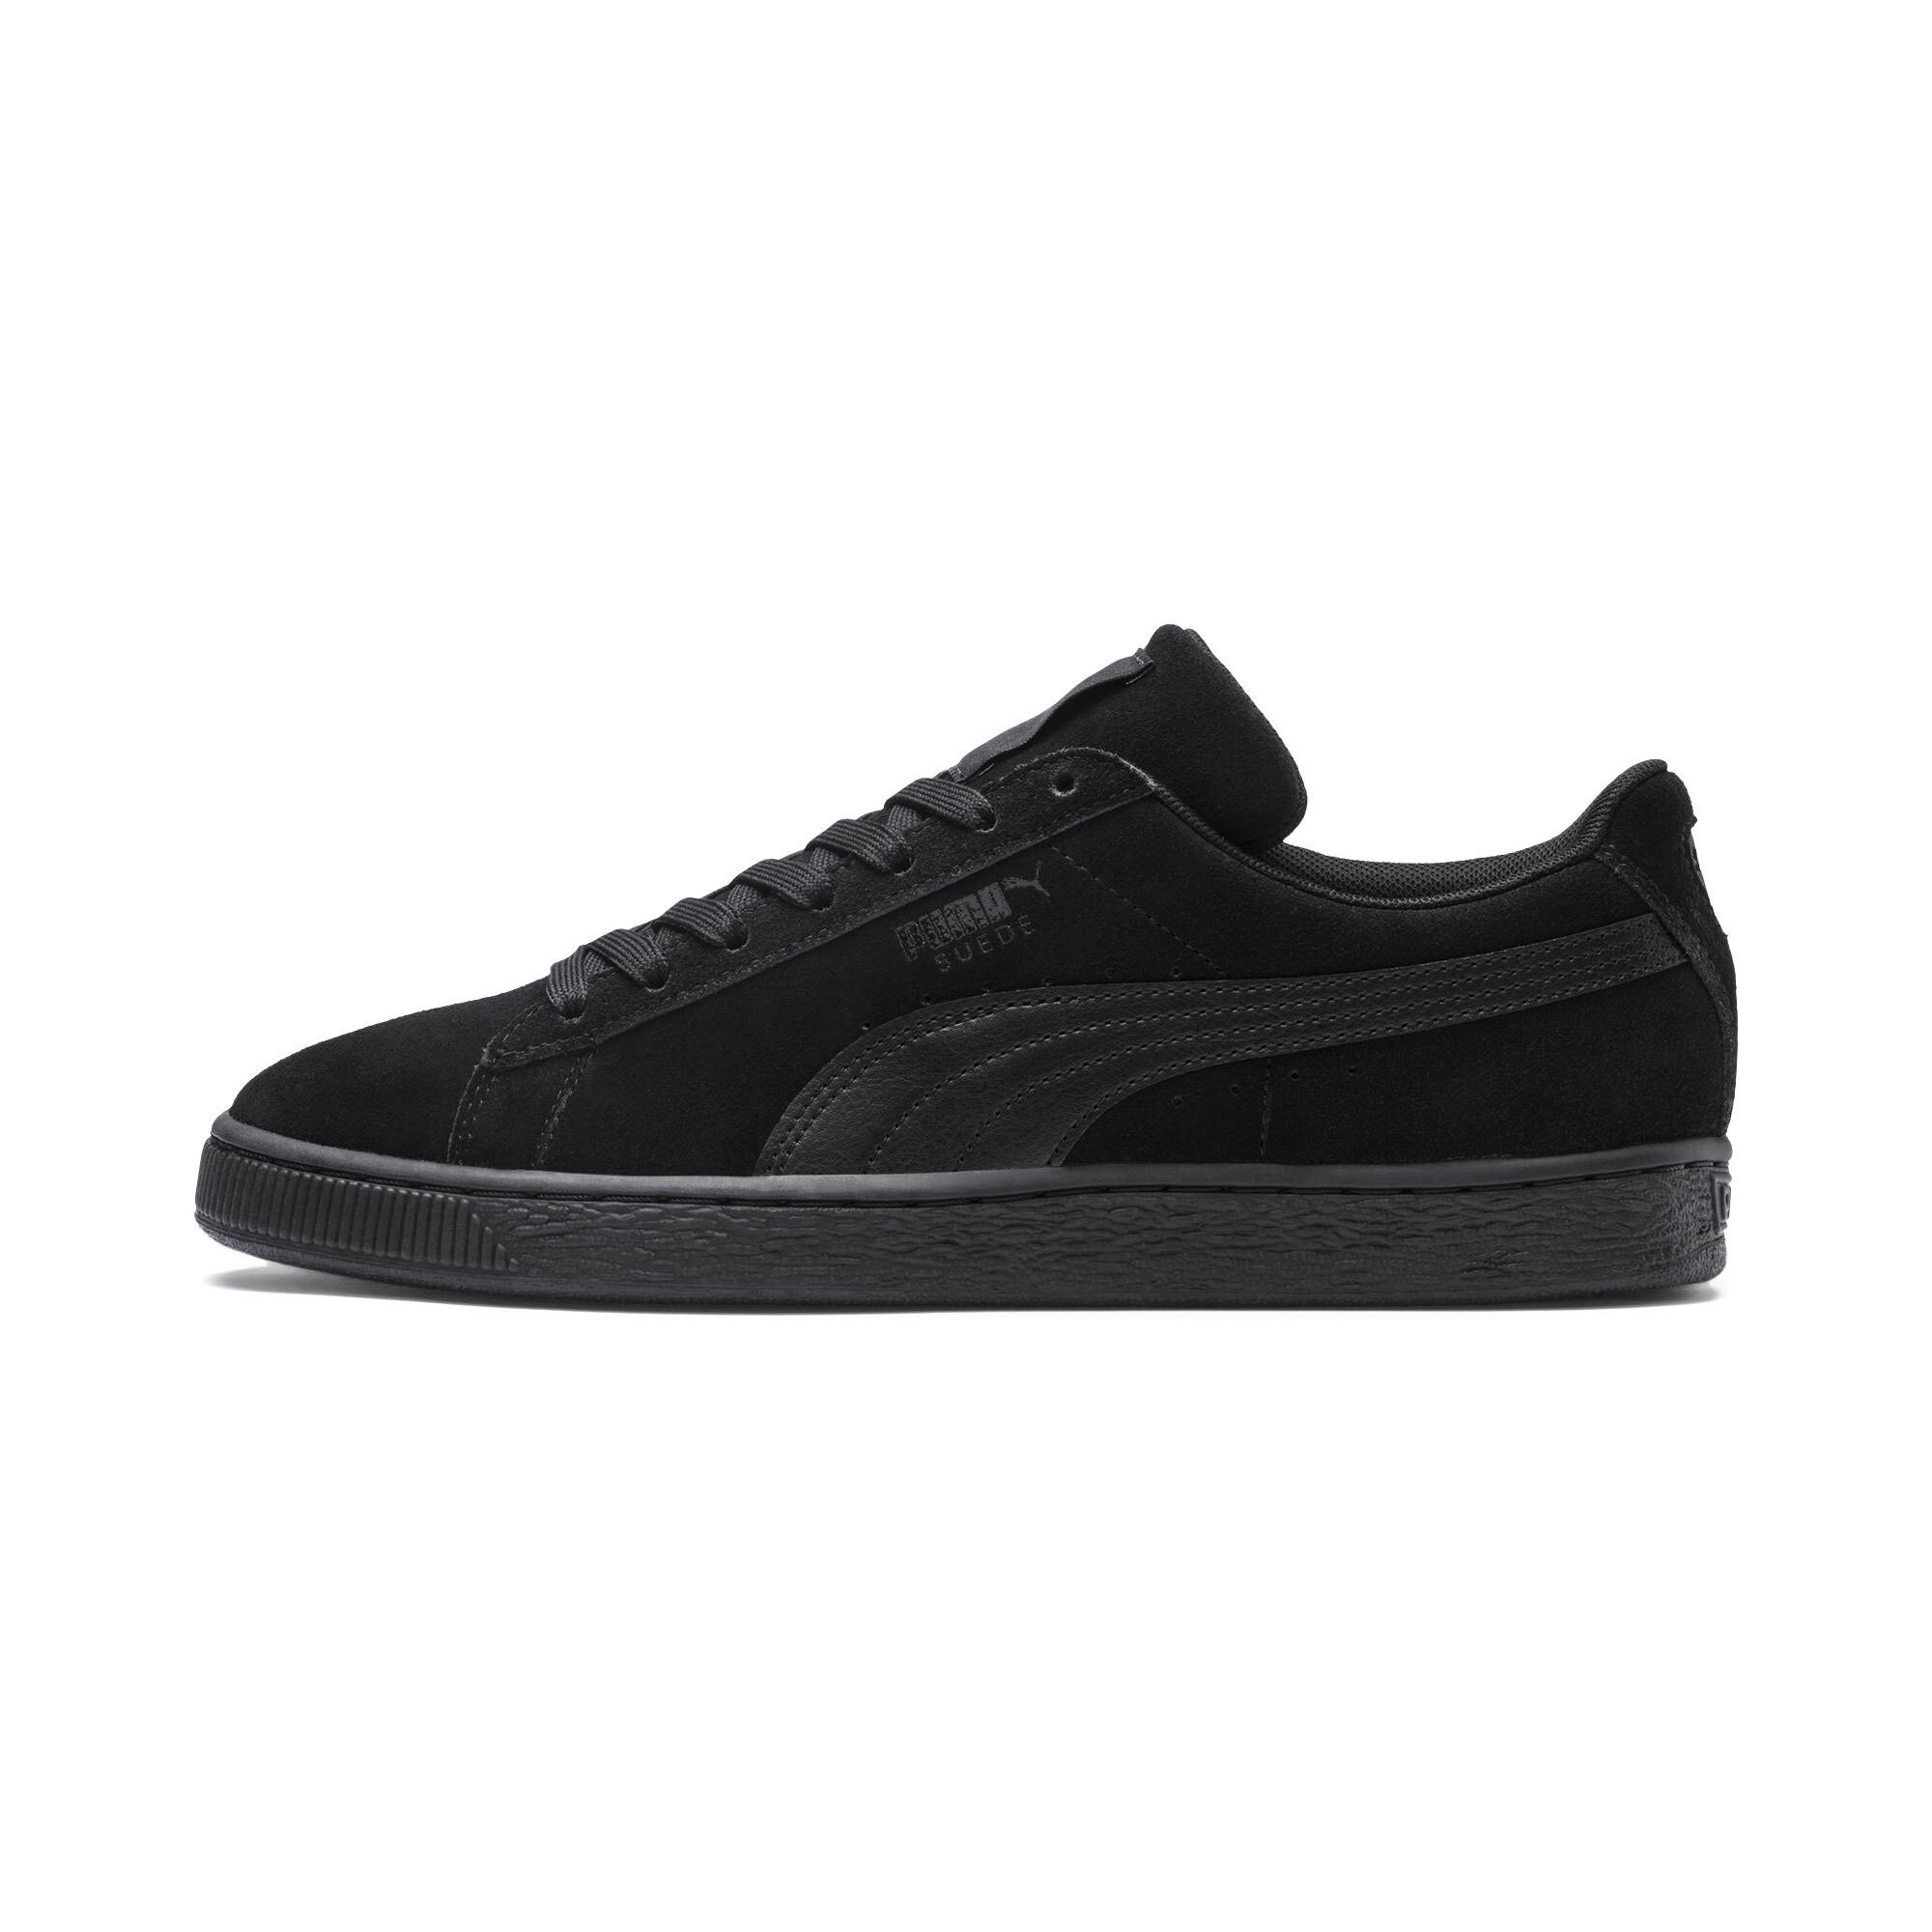 PUMA-Suede-Classic-LFS-Men-039-s-Sneakers-Men-Shoe-Casual-Shoe thumbnail 4